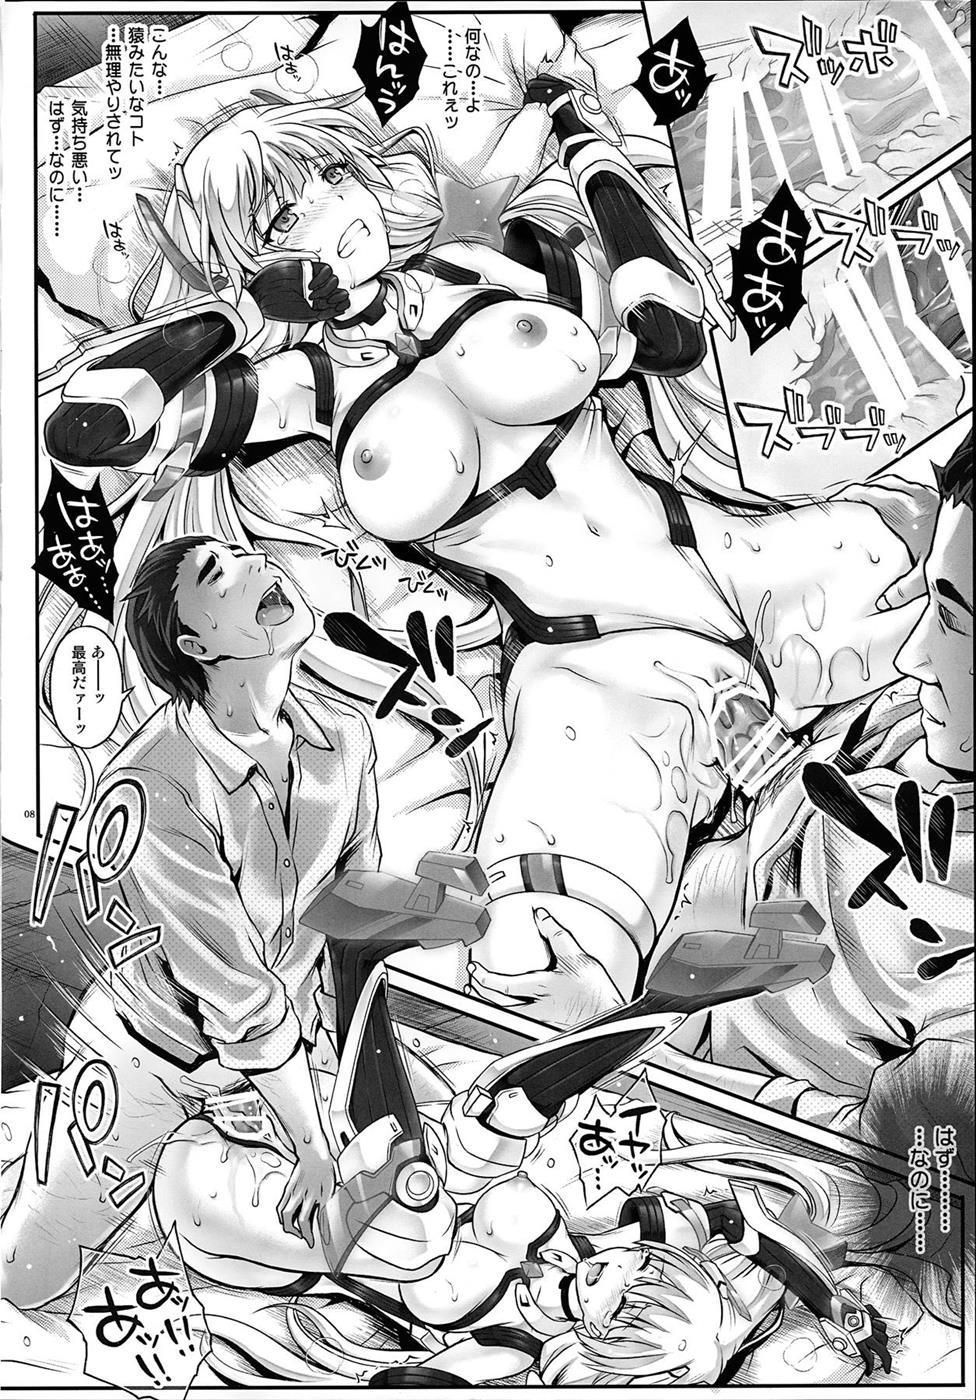 【エロ漫画】こんな猿みたいなことコトされて・・・気持ち悪いはずなのにっ!!金髪美人は男の無理やり犯され続けてしまう・・・